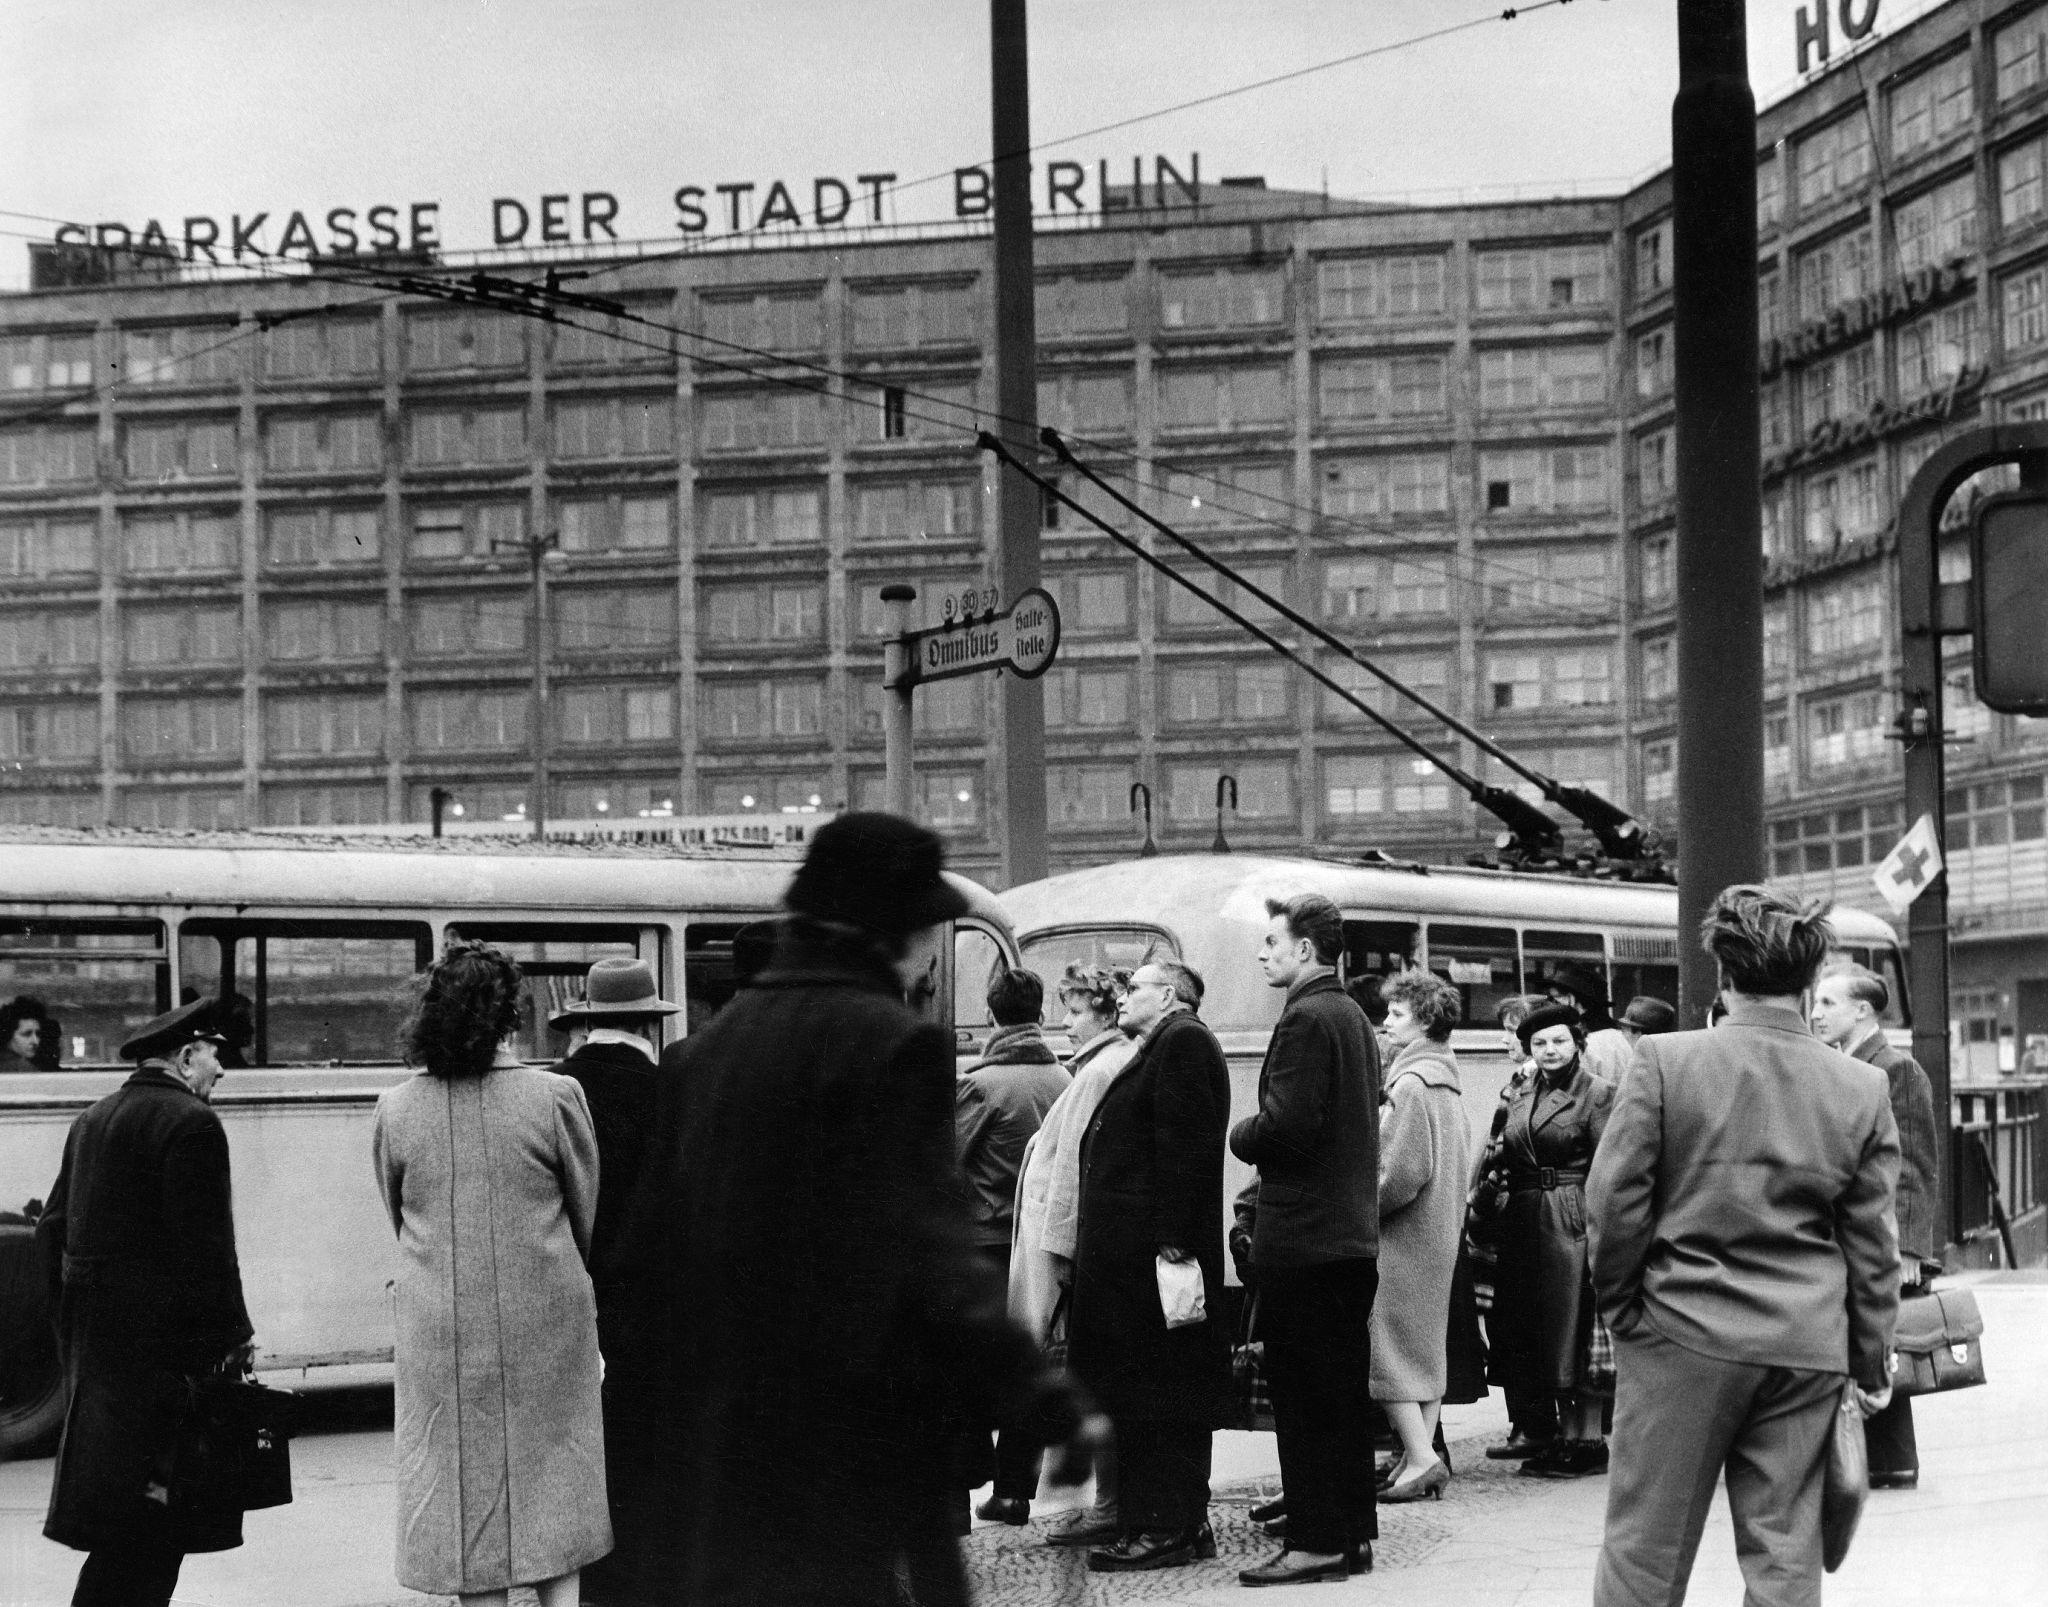 1959. Александерплац. Люди на автобусной остановке